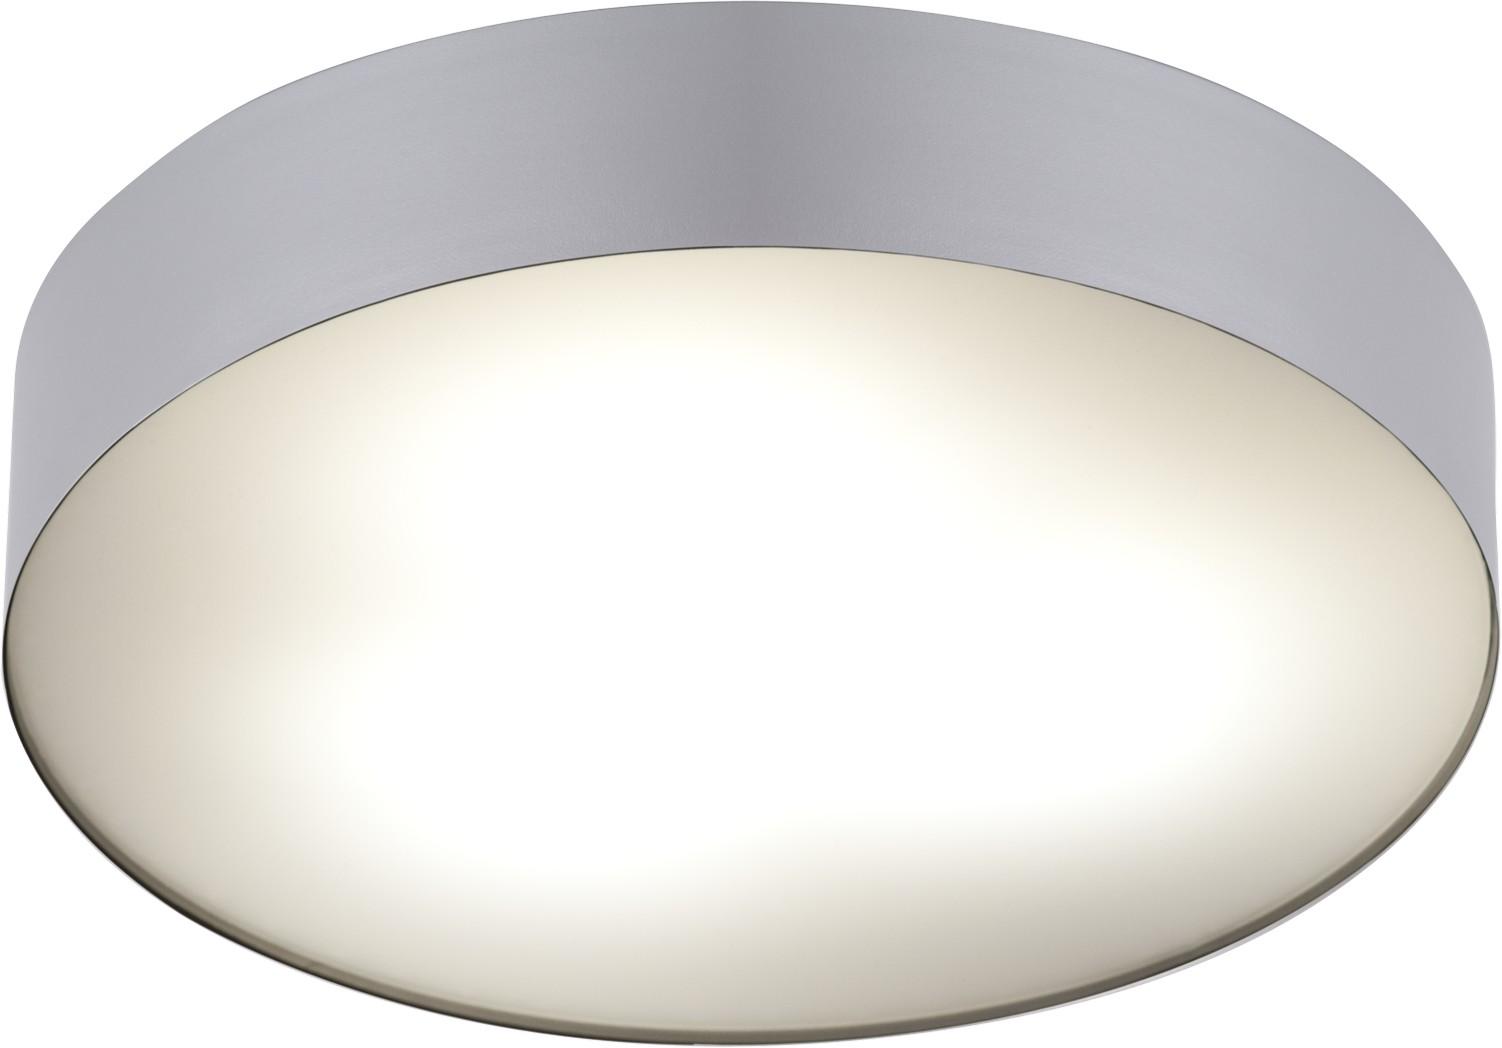 Koupelnové svítidlo Nowodvorski Arena silver 6770